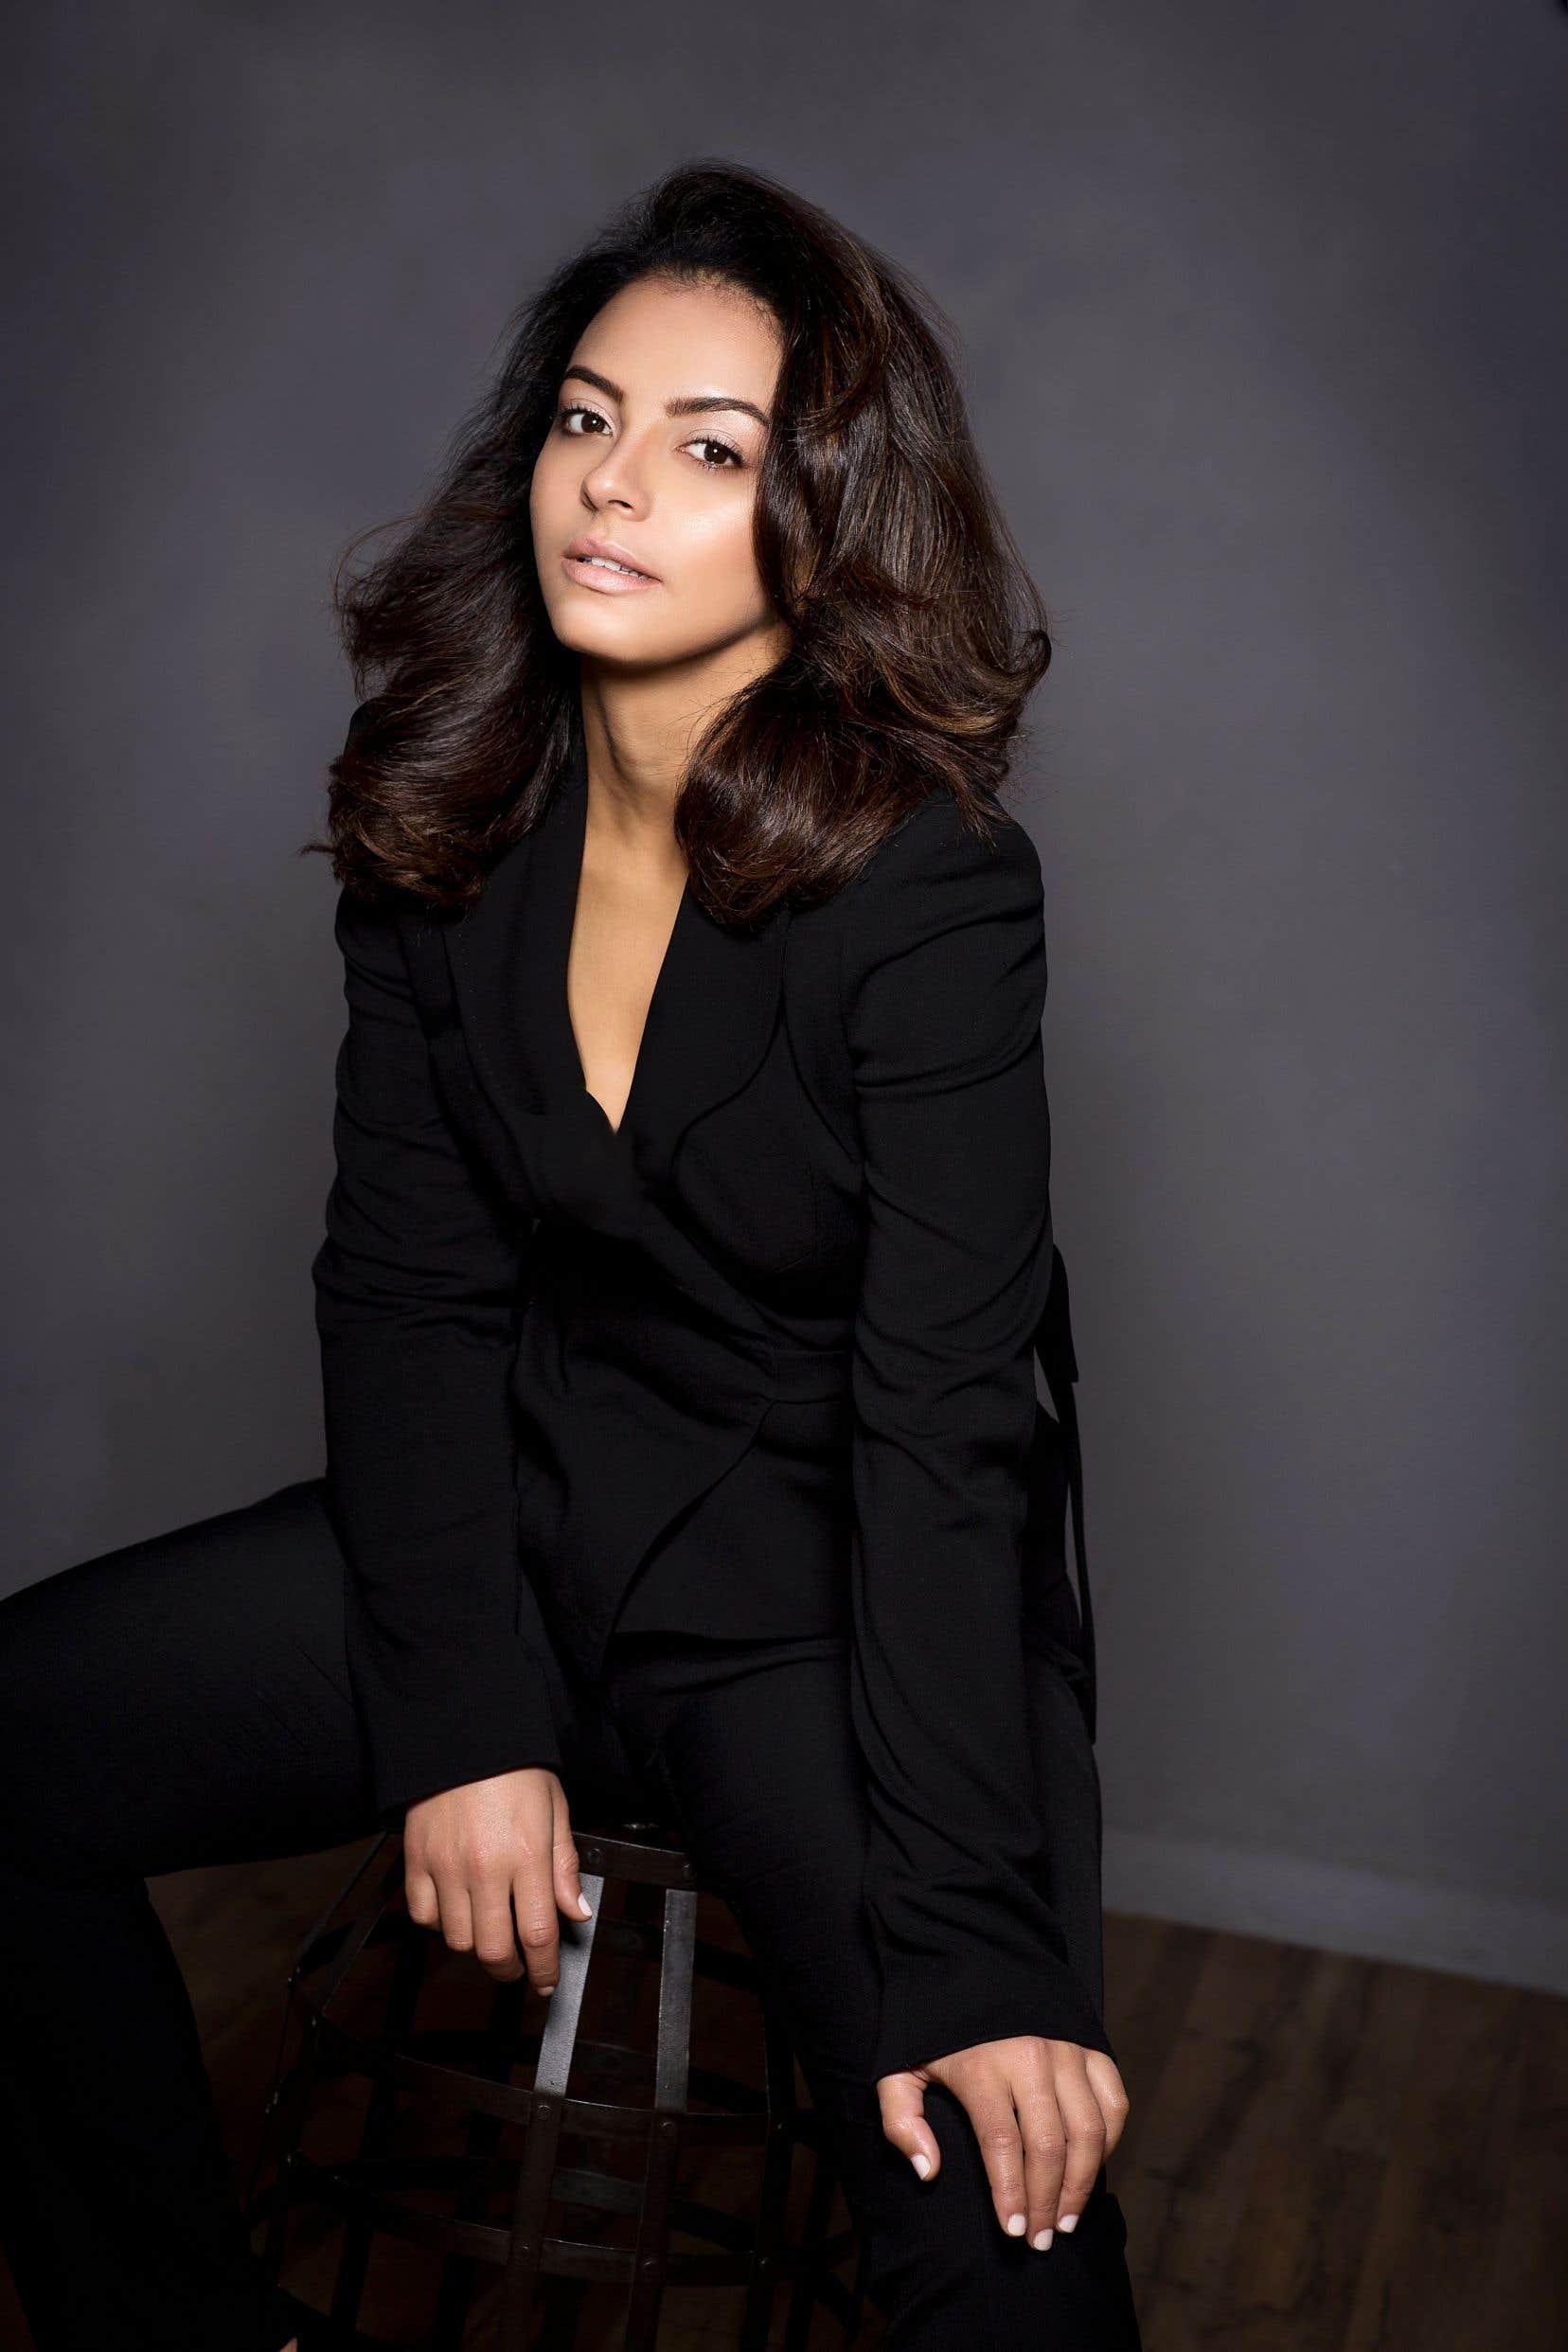 La chanteuse Rihab Chaieb est l'une des rares à avoir été acceptée dans les deux volets du concours. Elle est également l'une des deux Canadiennes sélectionnées pour Operalia 2018, qui aura lieu à Lisbonne en septembre.